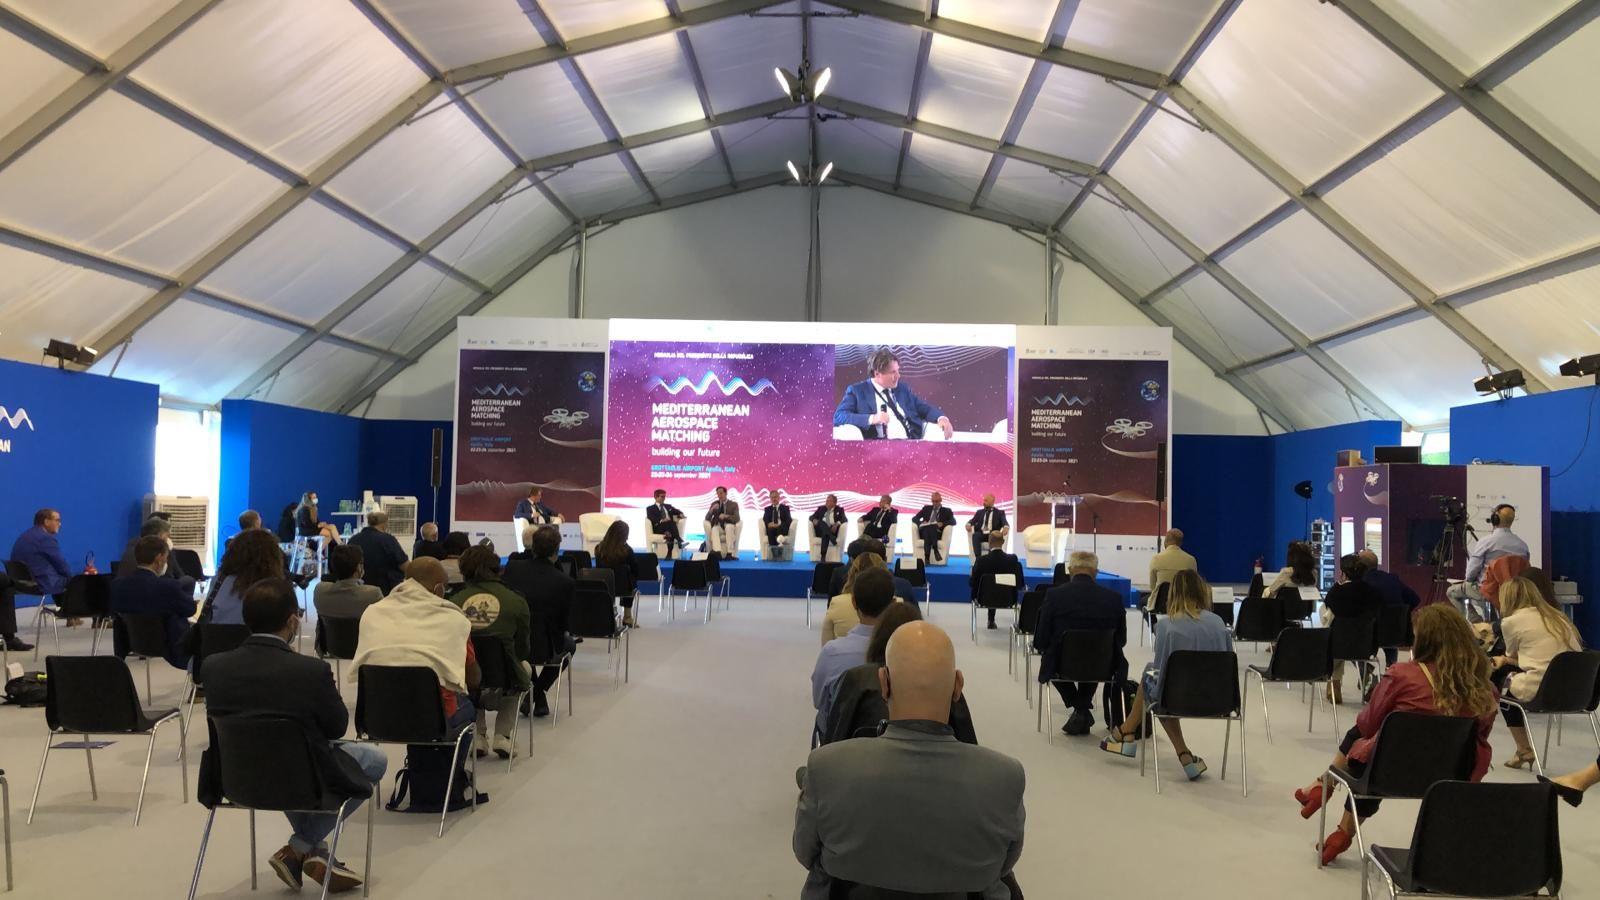 """Domani a Grottaglie la terza ed ultima giornata del Mediterranean Aerospace Matching (Mam). Focus su """"Creatività e giovani per un futuro sostenibile"""""""